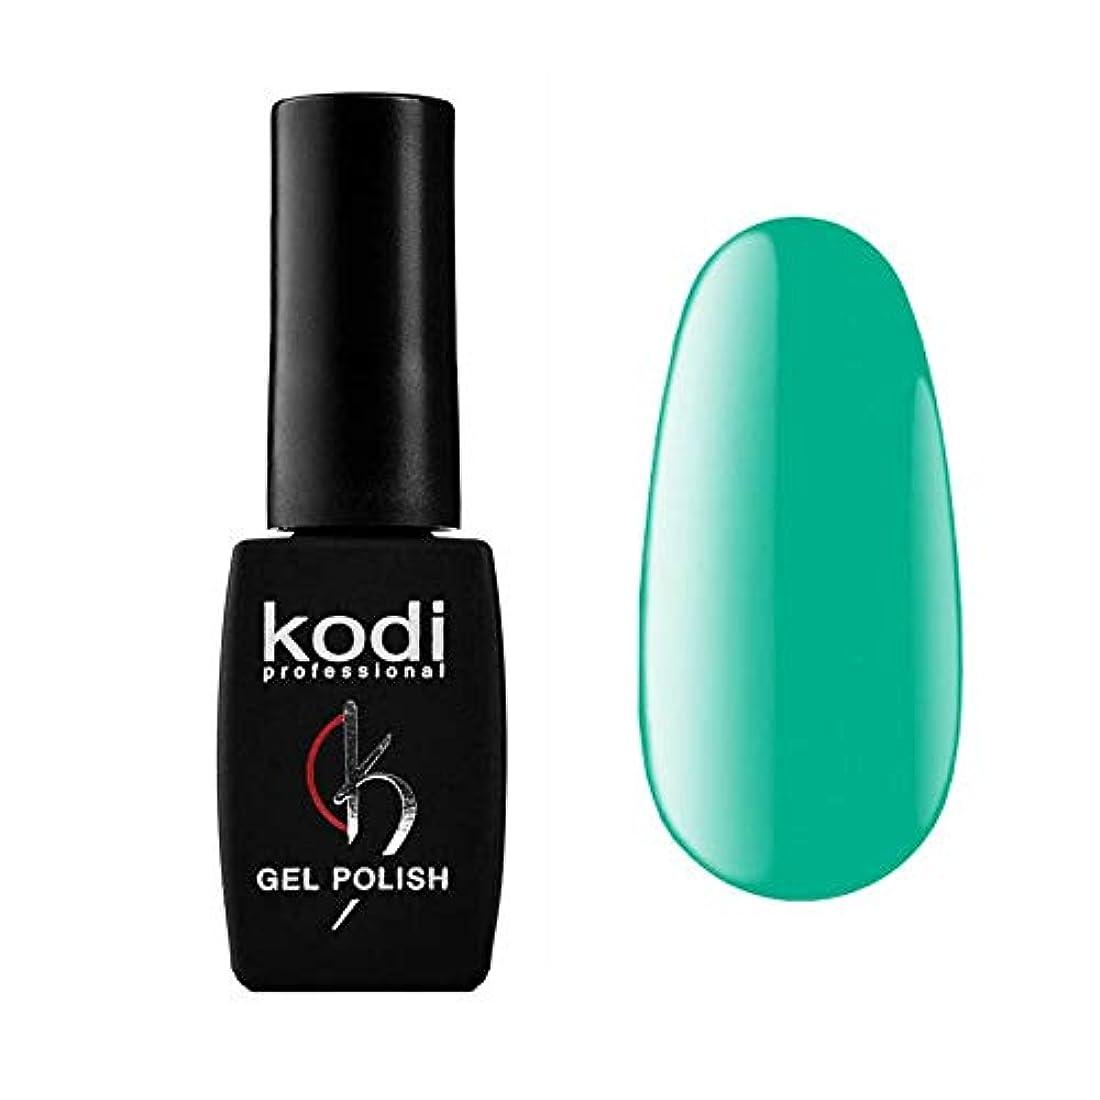 イタリックロッドプロットKodi Professional New Collection AQ AQUAMARINE #20 Color Gel Nail Polish 12ml 0.42 Fl Oz LED UV Genuine Soak Off